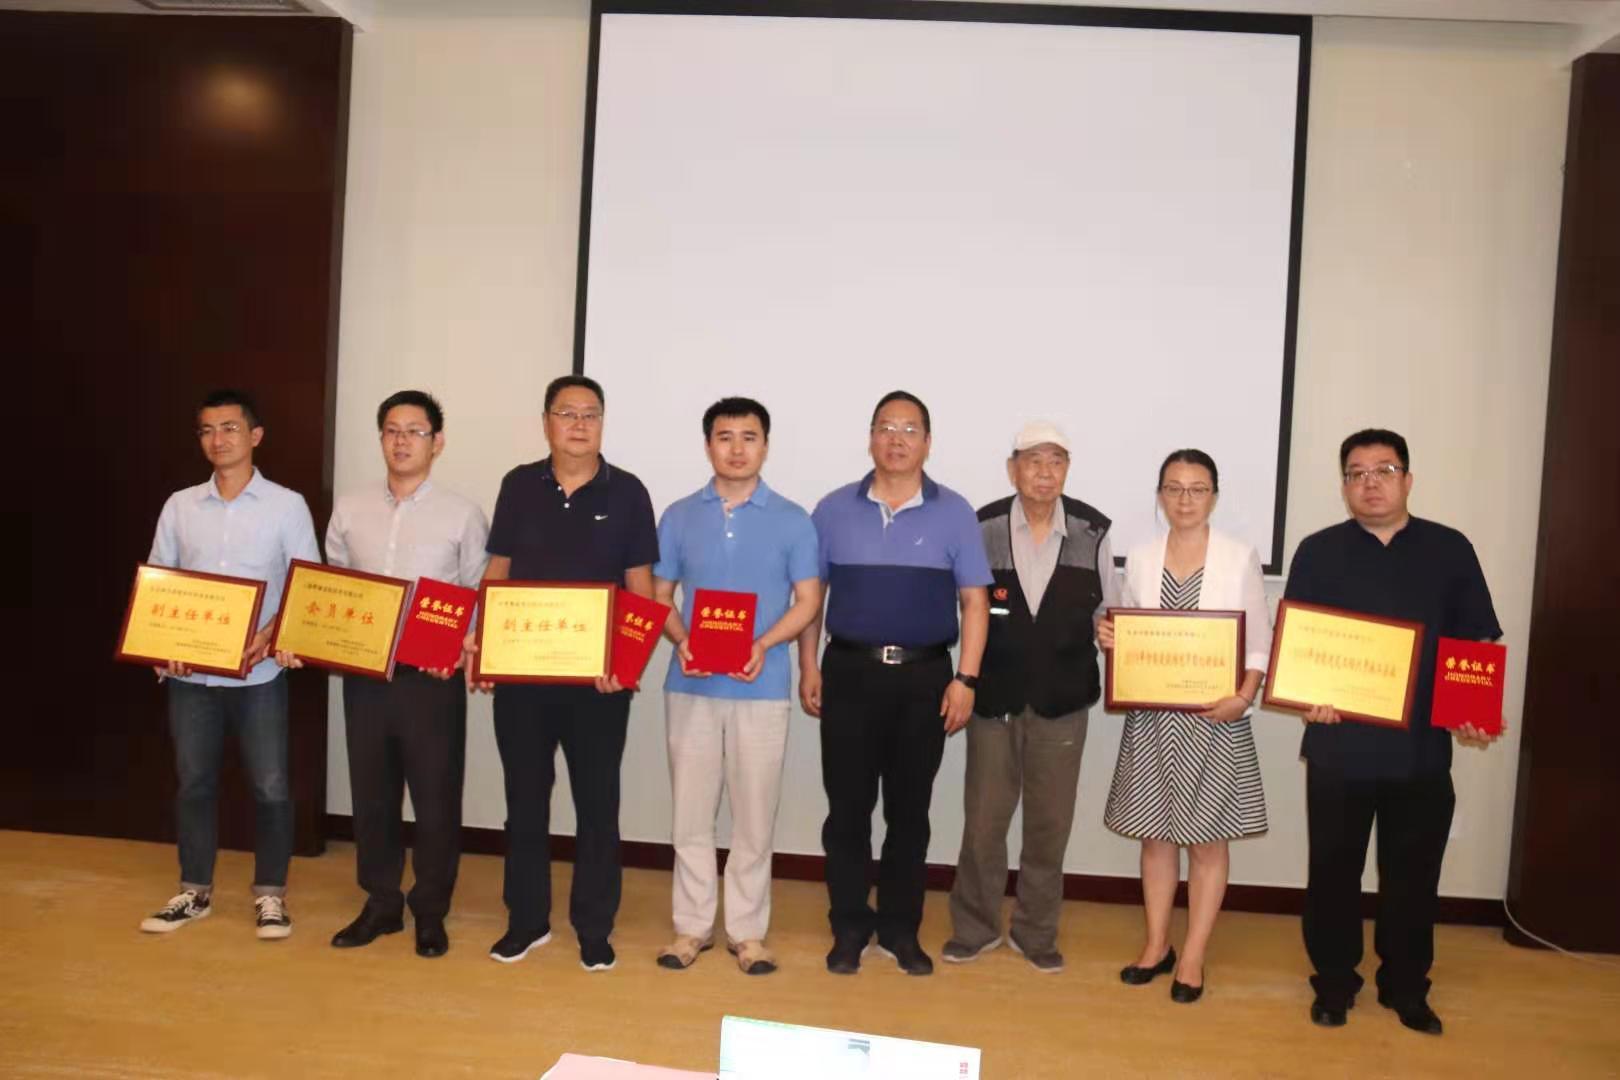 喜讯,我司获得中国自动化学会认证了!